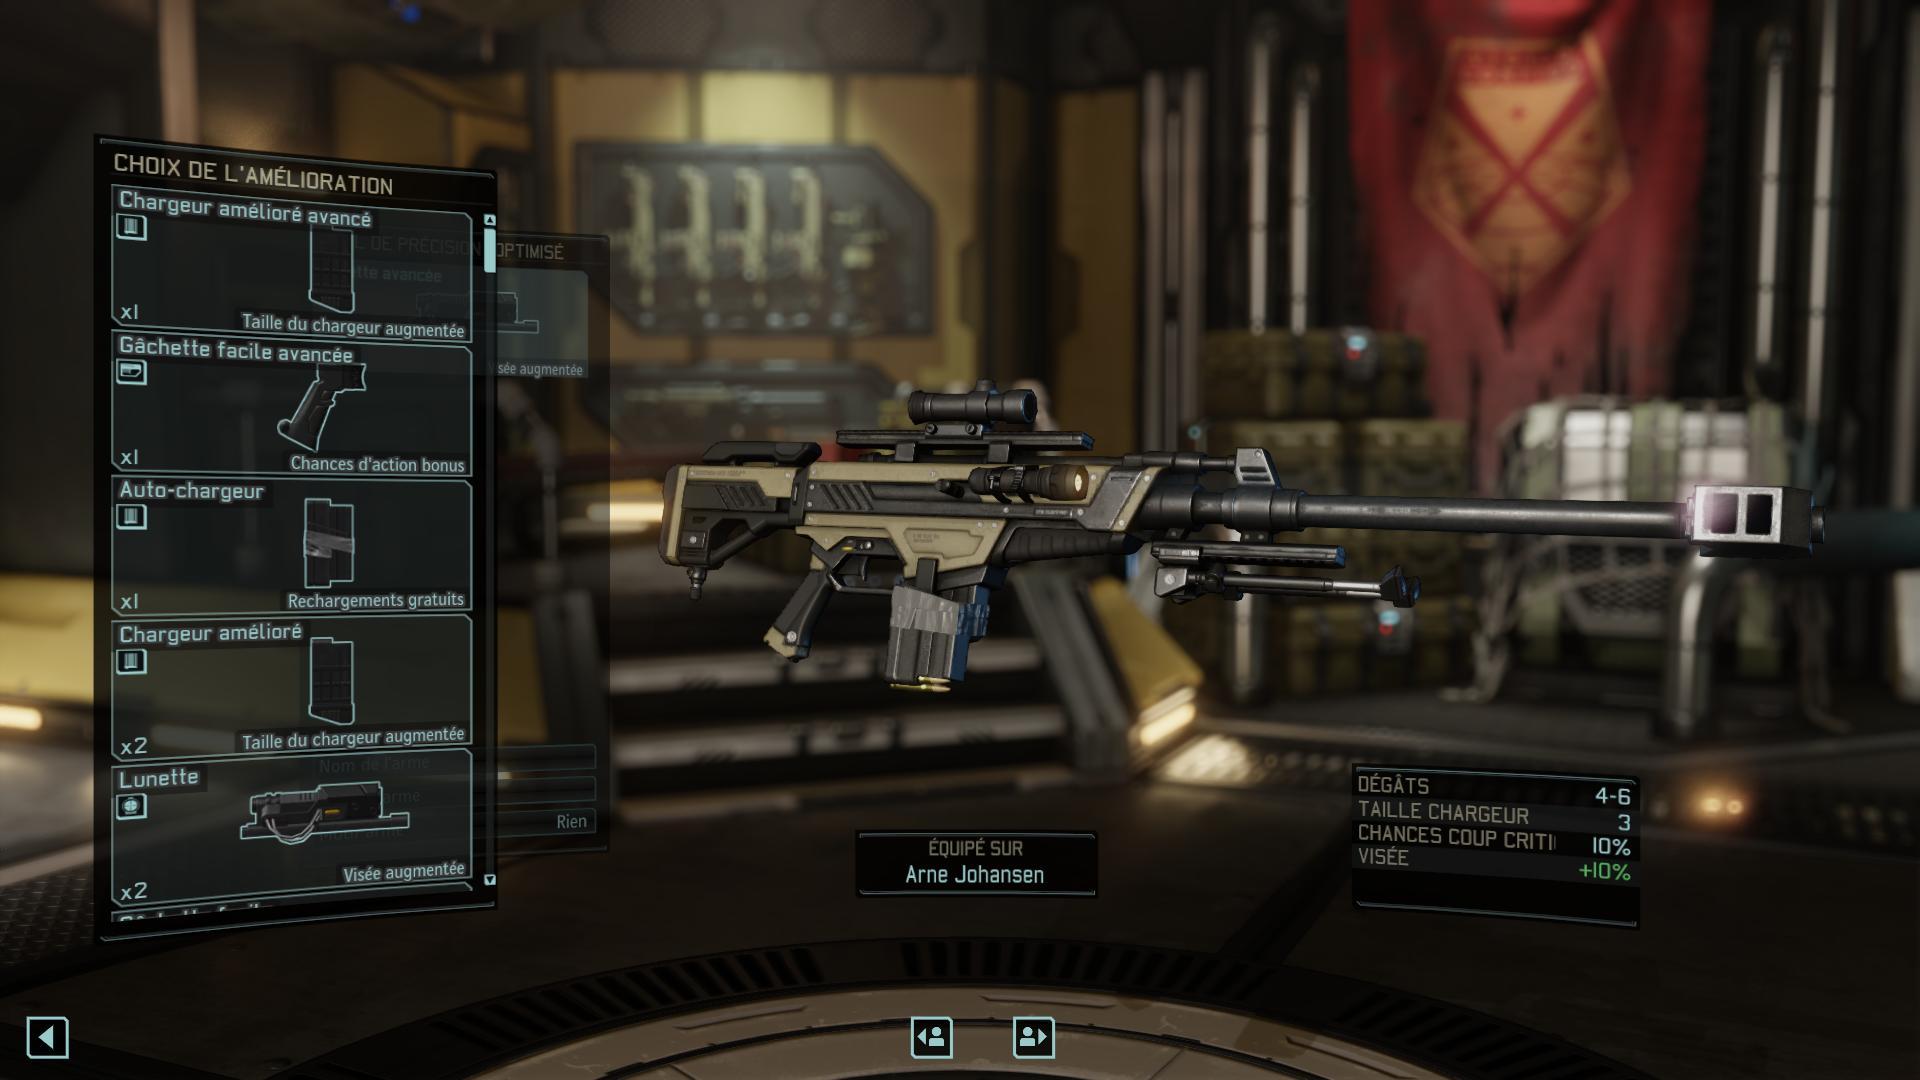 XCOM 2 Weapon mods & Simulations